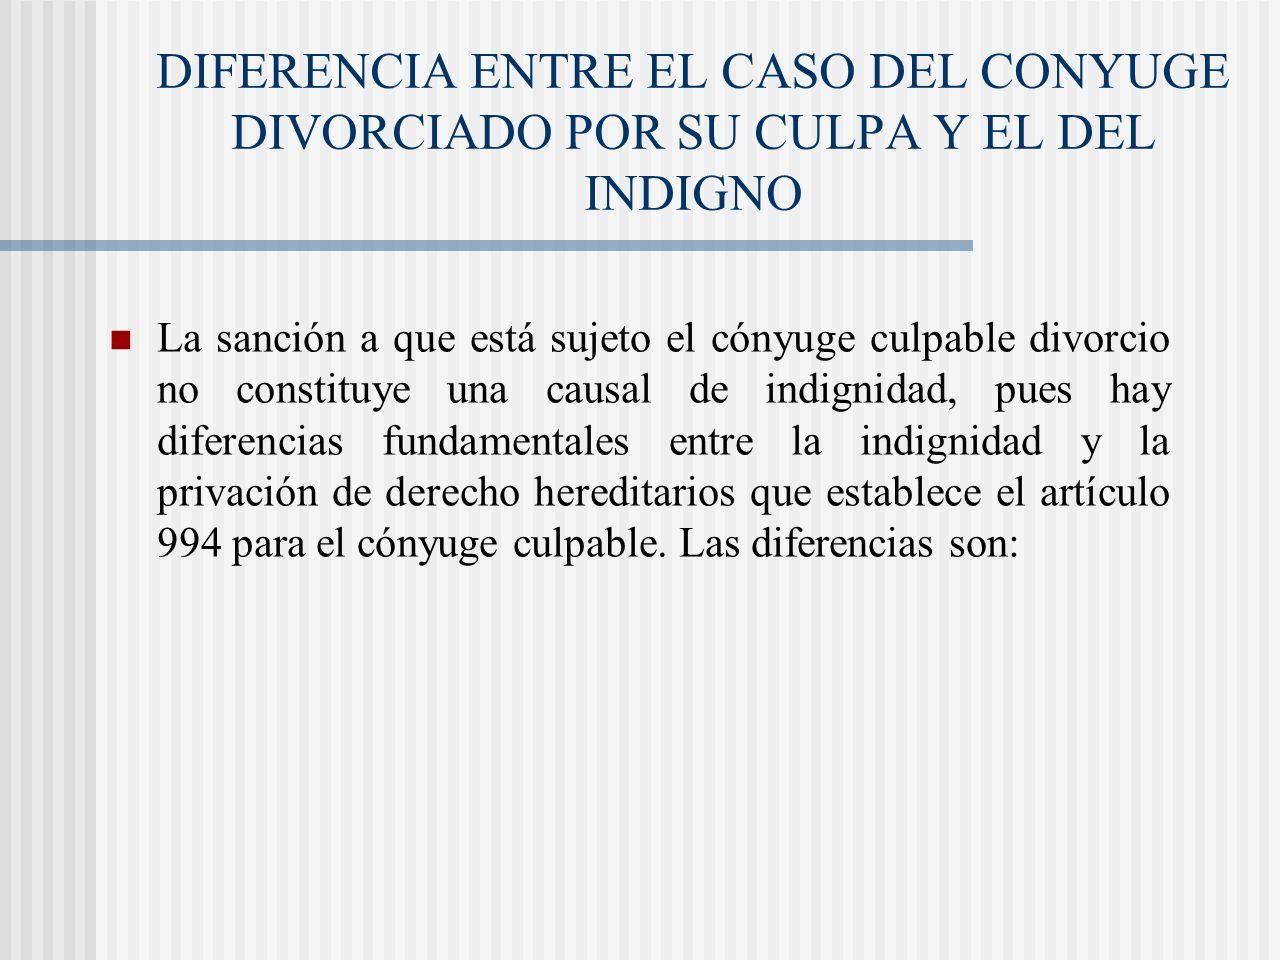 DIFERENCIA ENTRE EL CASO DEL CONYUGE DIVORCIADO POR SU CULPA Y EL DEL INDIGNO